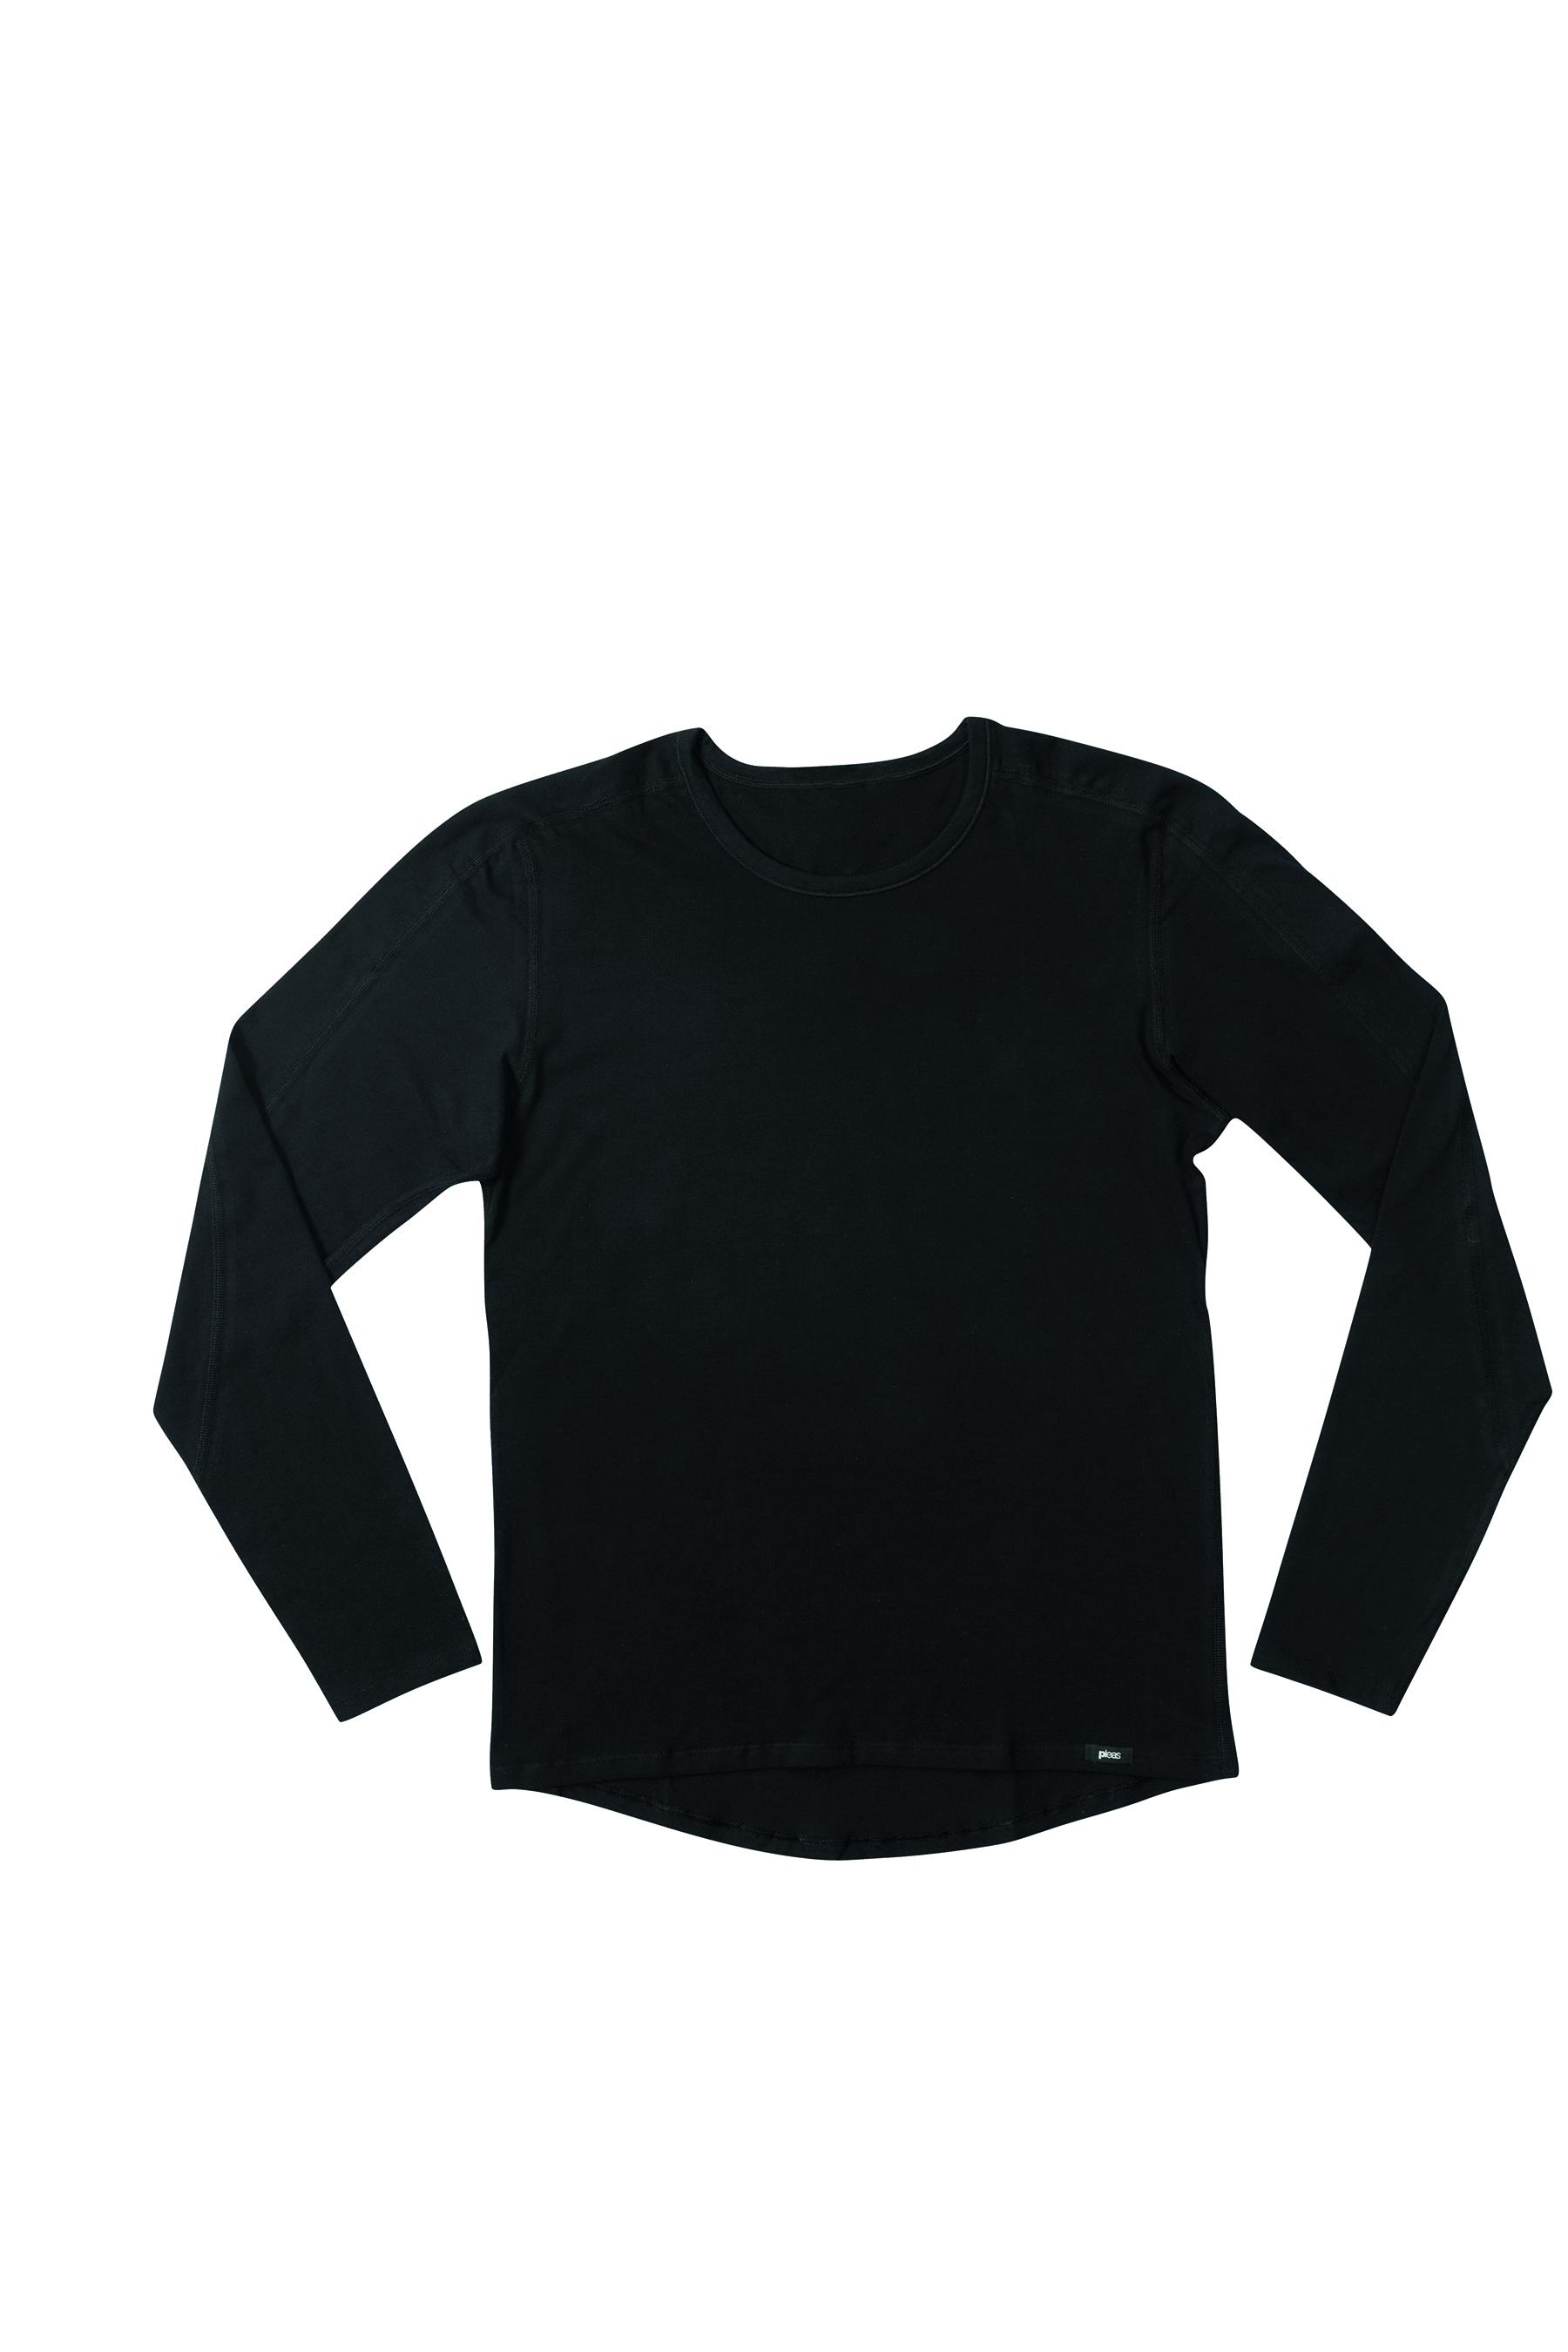 690ff914b7a Pánské funkční tričko s dlouhým rukávem - 101004 - 635 Kč - Skladem ...